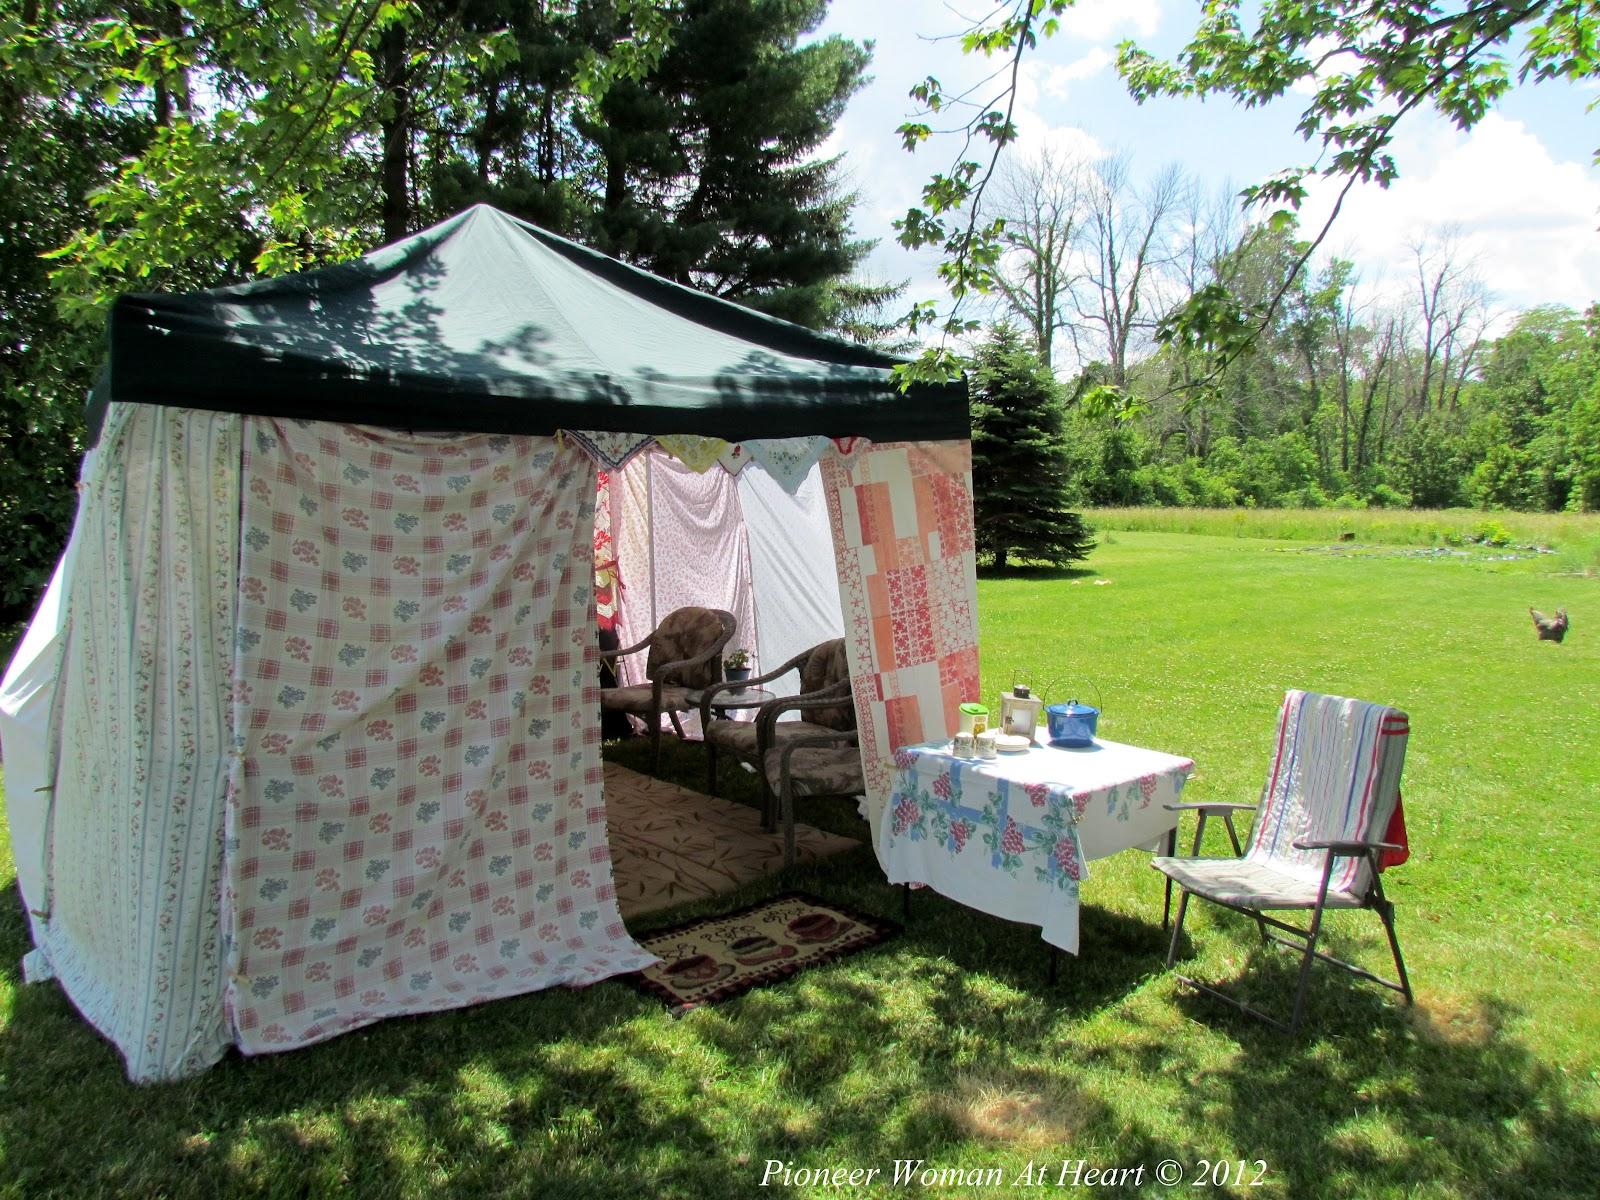 pioneer woman at heart backyard camping